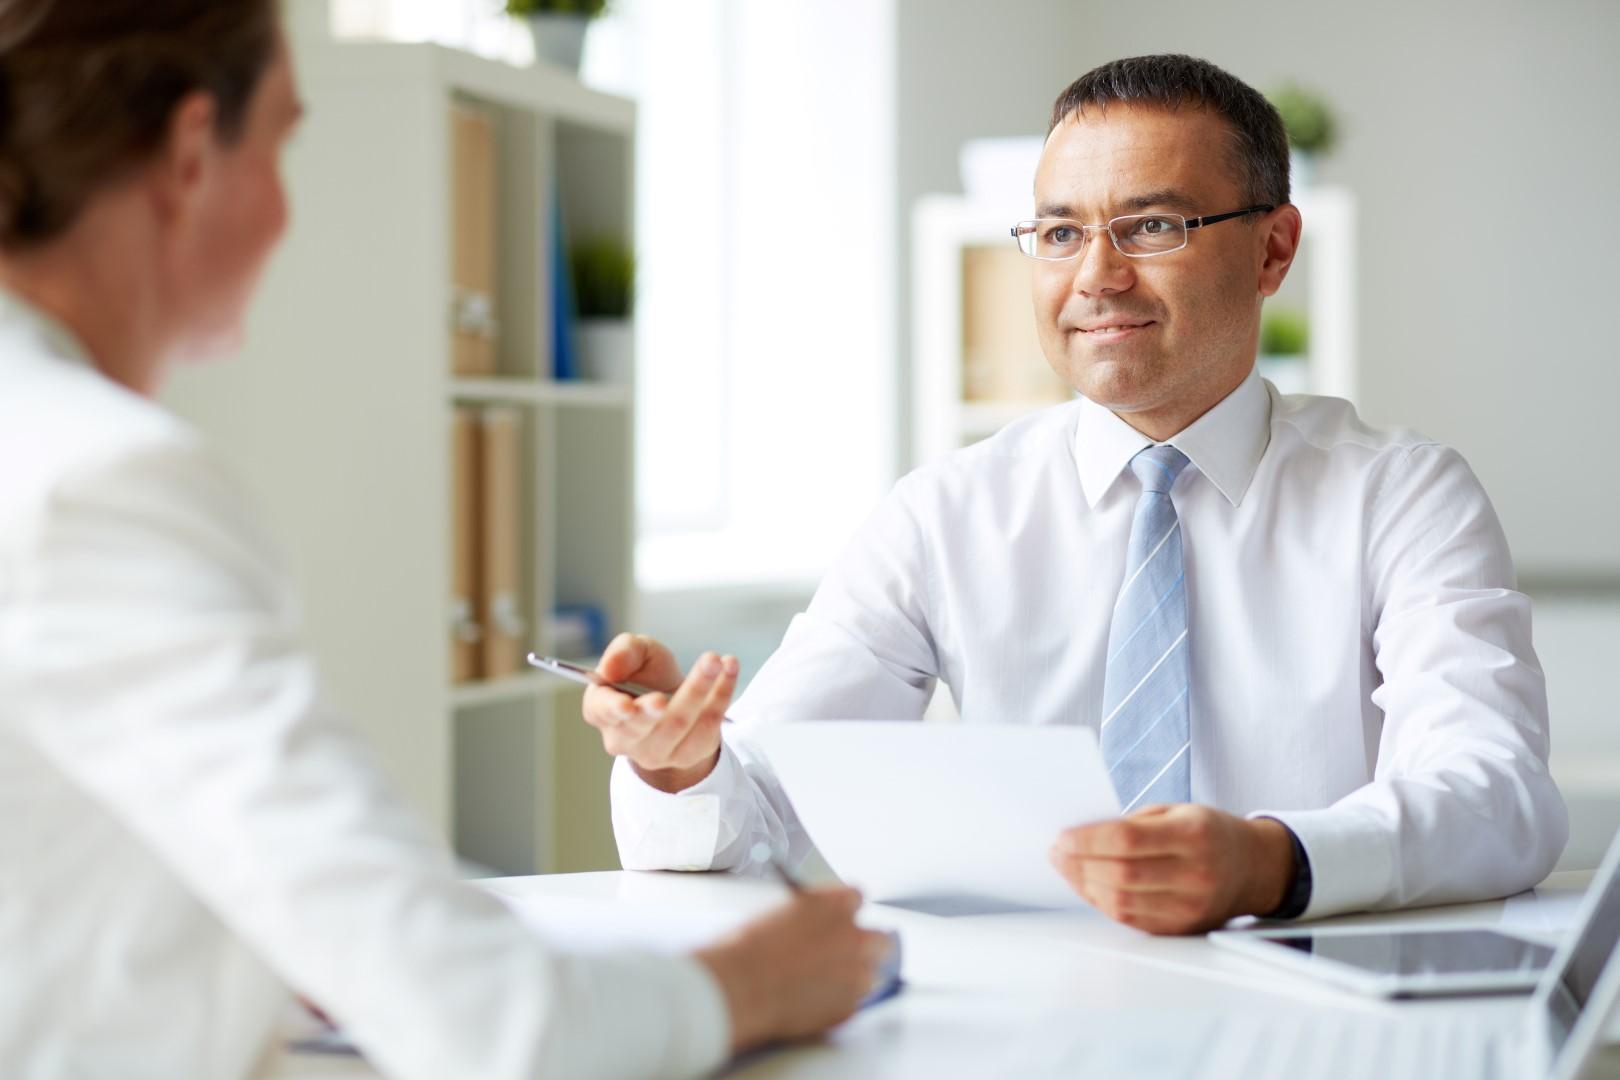 Como apresentar-se em uma entrevista de emprego